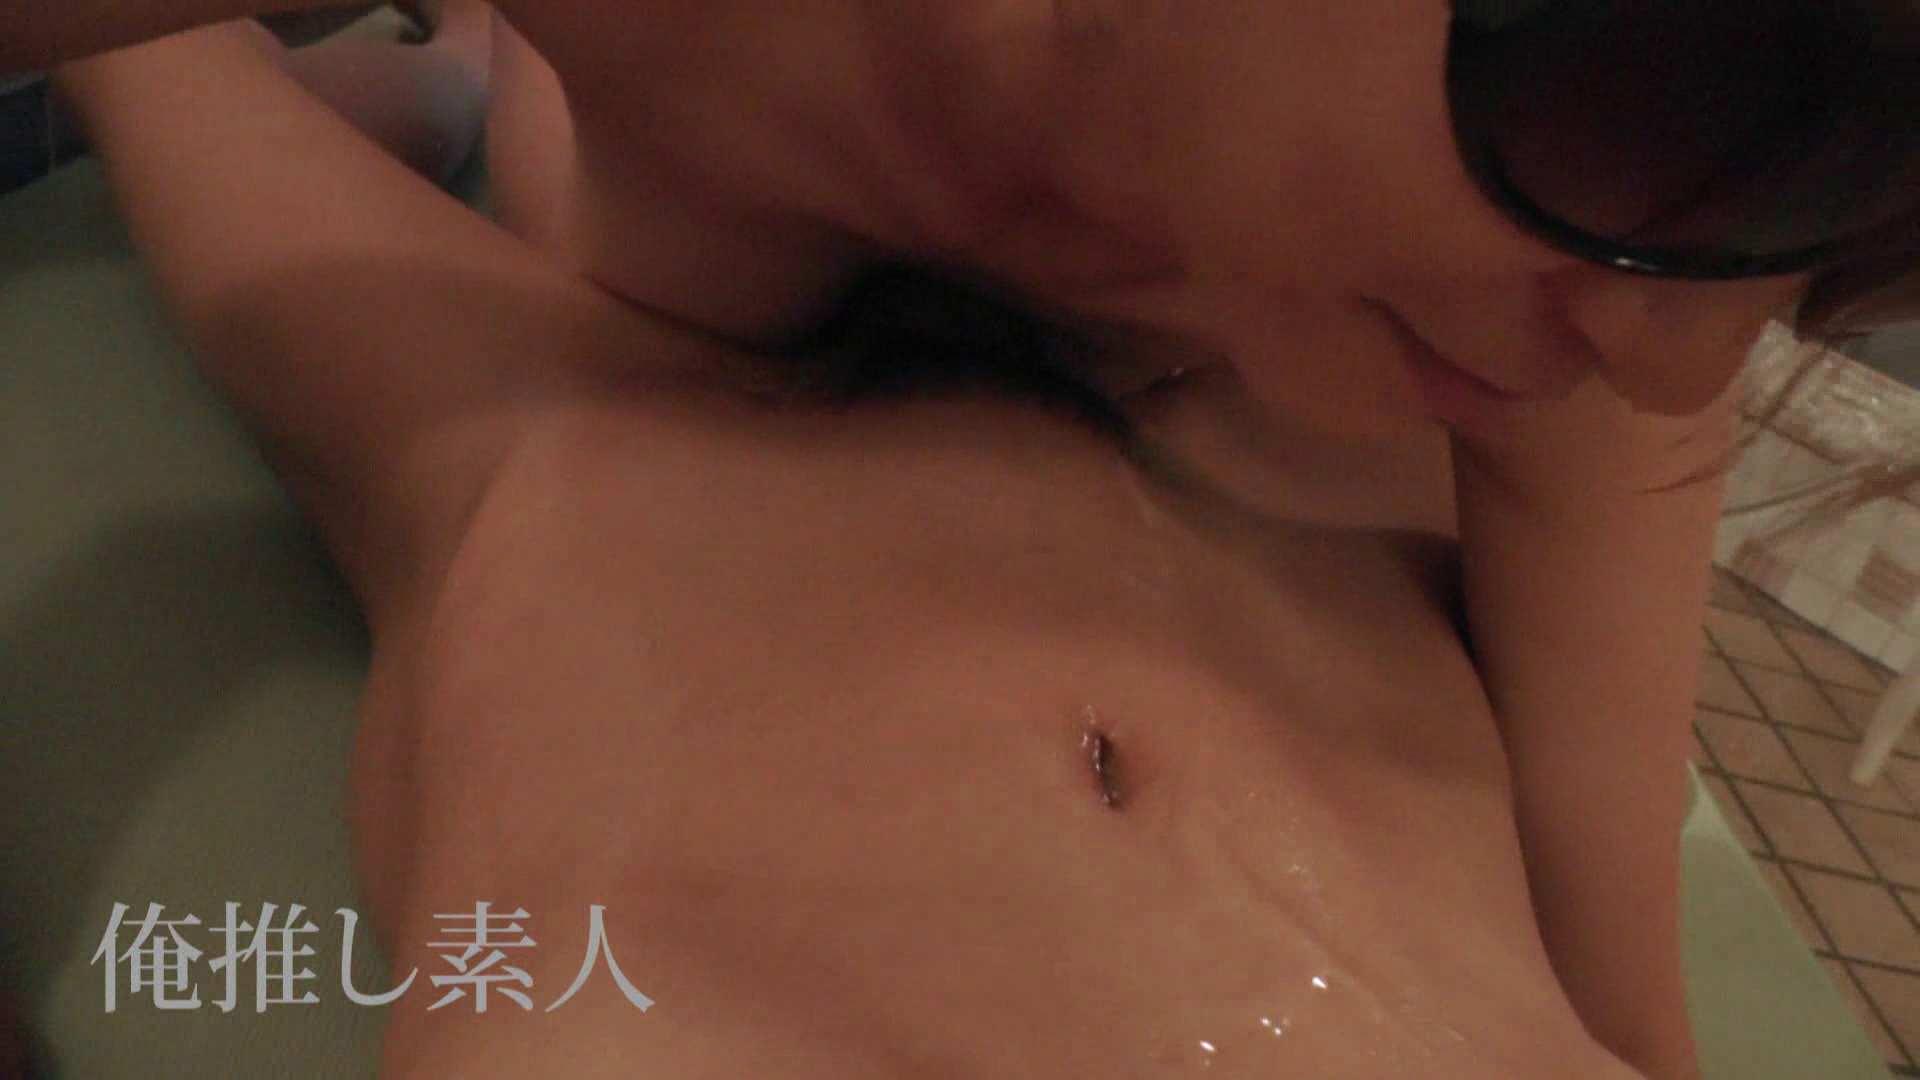 俺推し素人 30代人妻熟女キャバ嬢雫Vol.02 人妻のエロ生活 SEX無修正画像 69連発 40